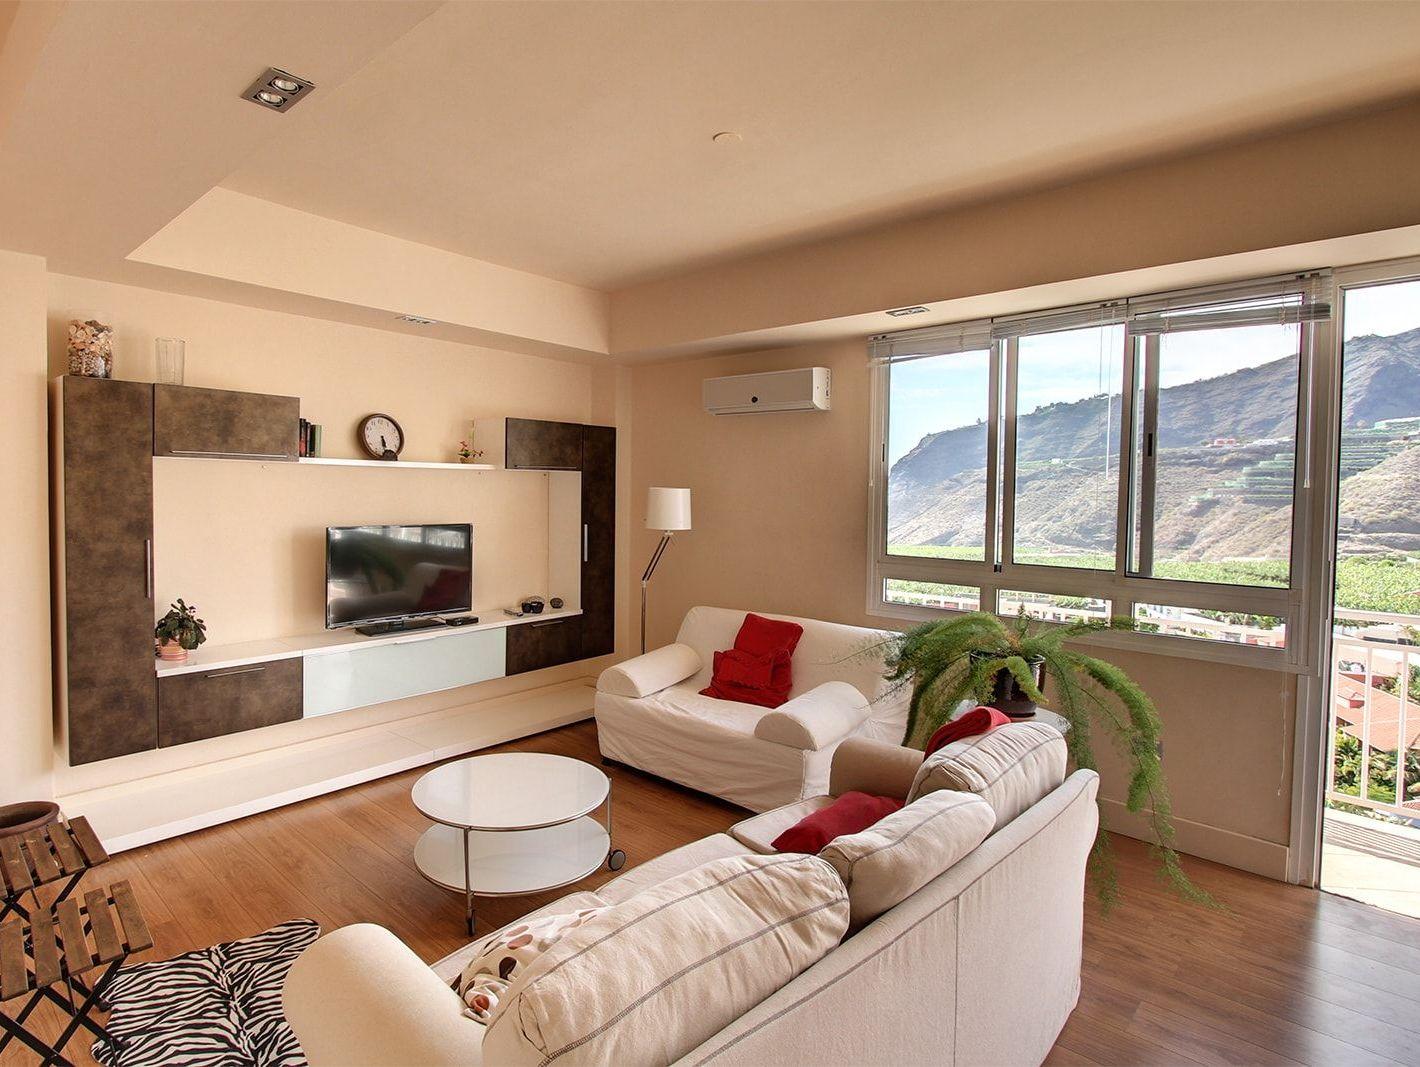 In der modernen Stadtwohnung auf La Palma gemütlich wohnen